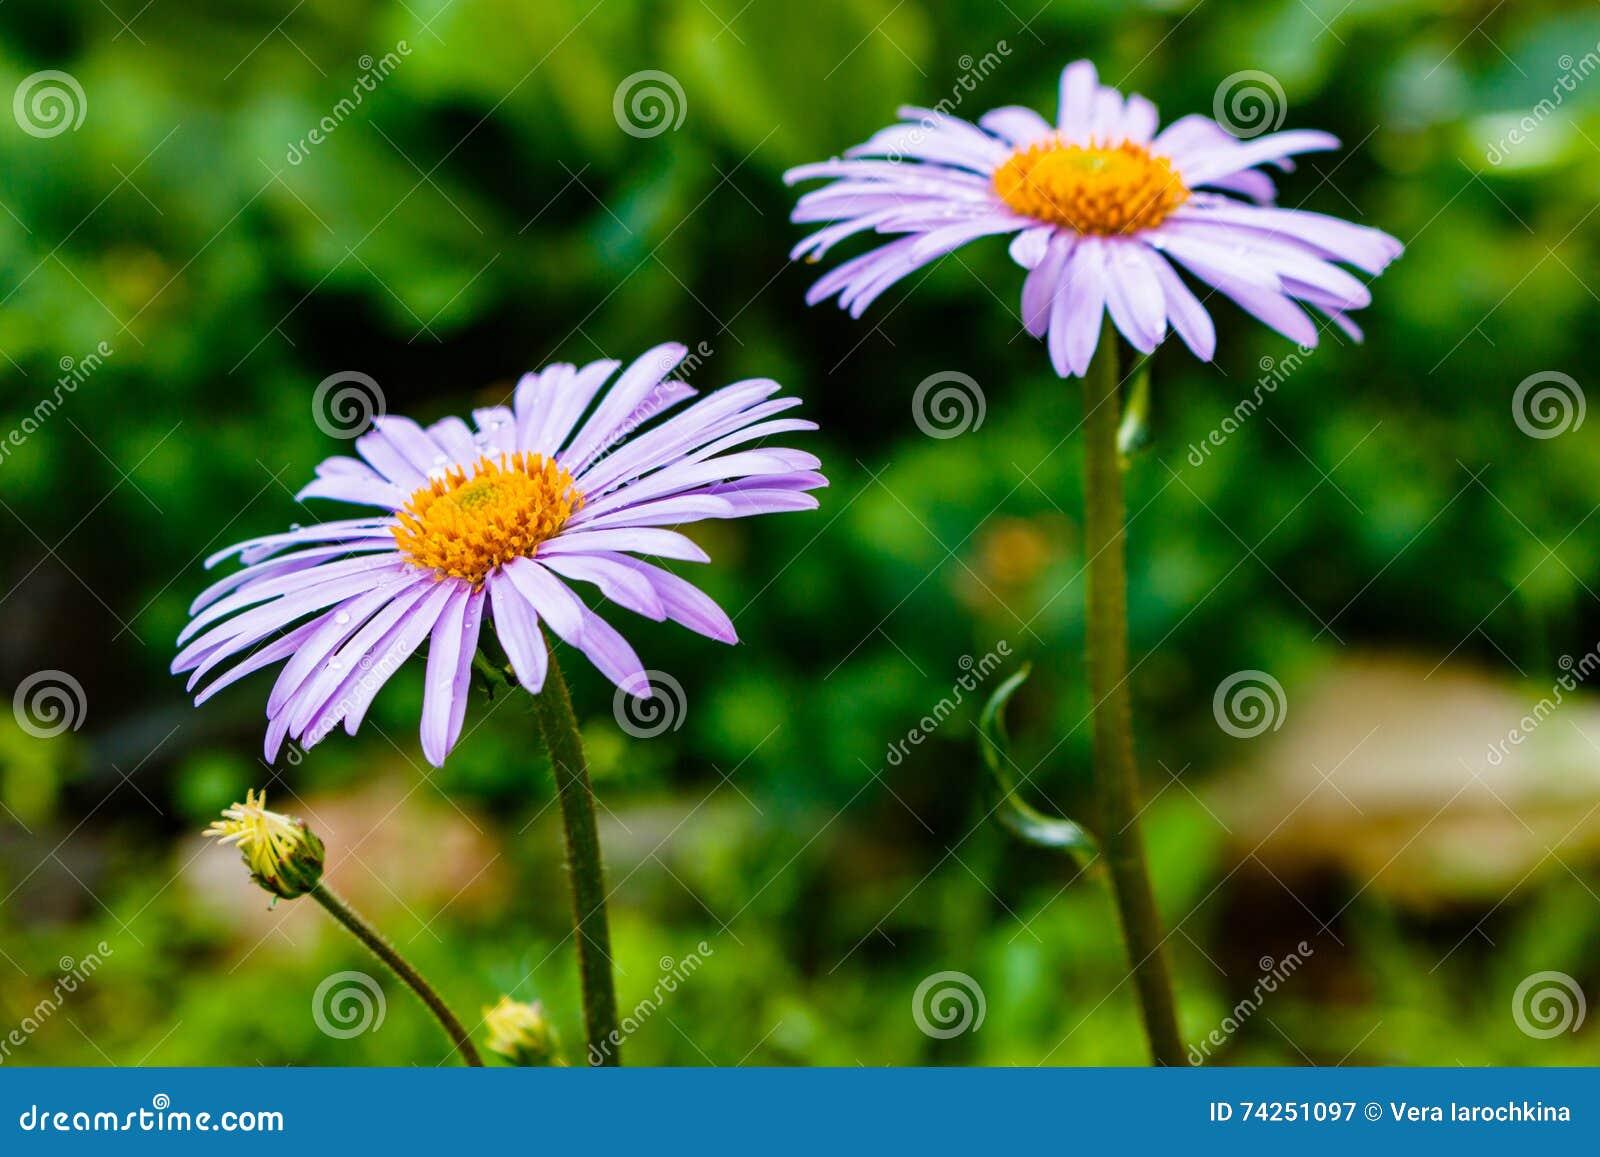 Tongolensis bleuâtre d aster, Compositae de famille Deux fleurs pourpré